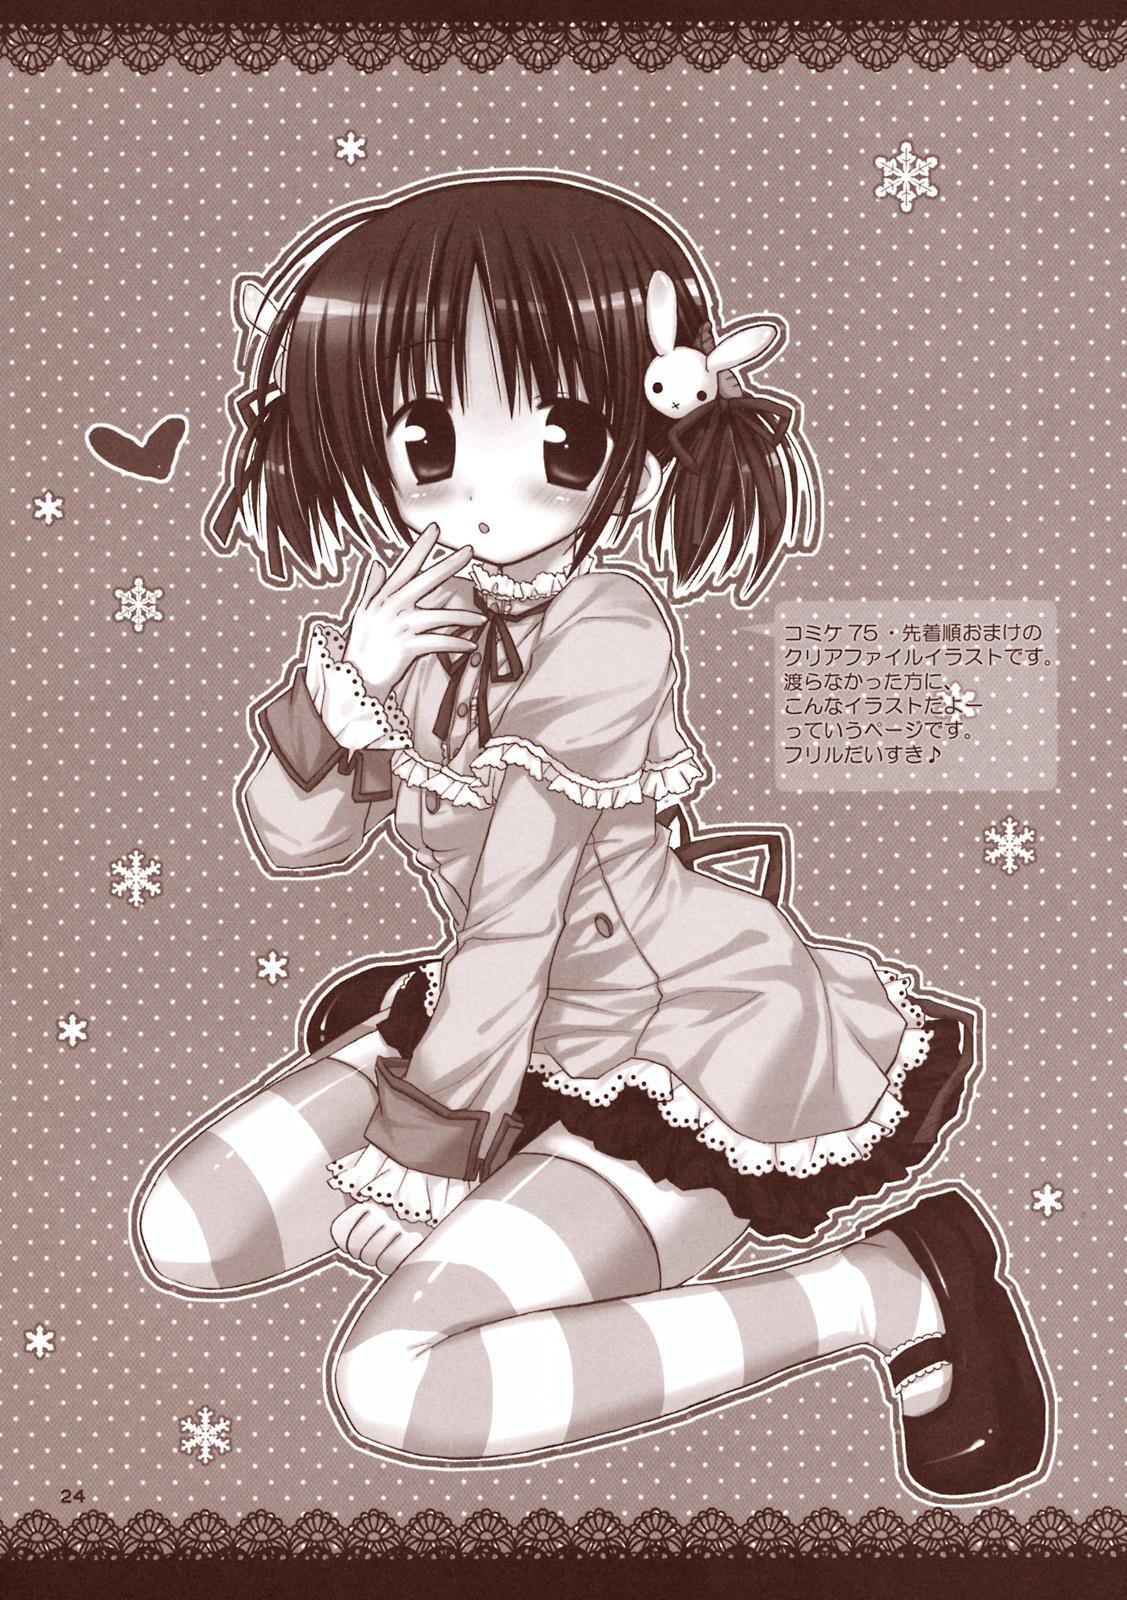 Maid-san to Amai Jikan 22